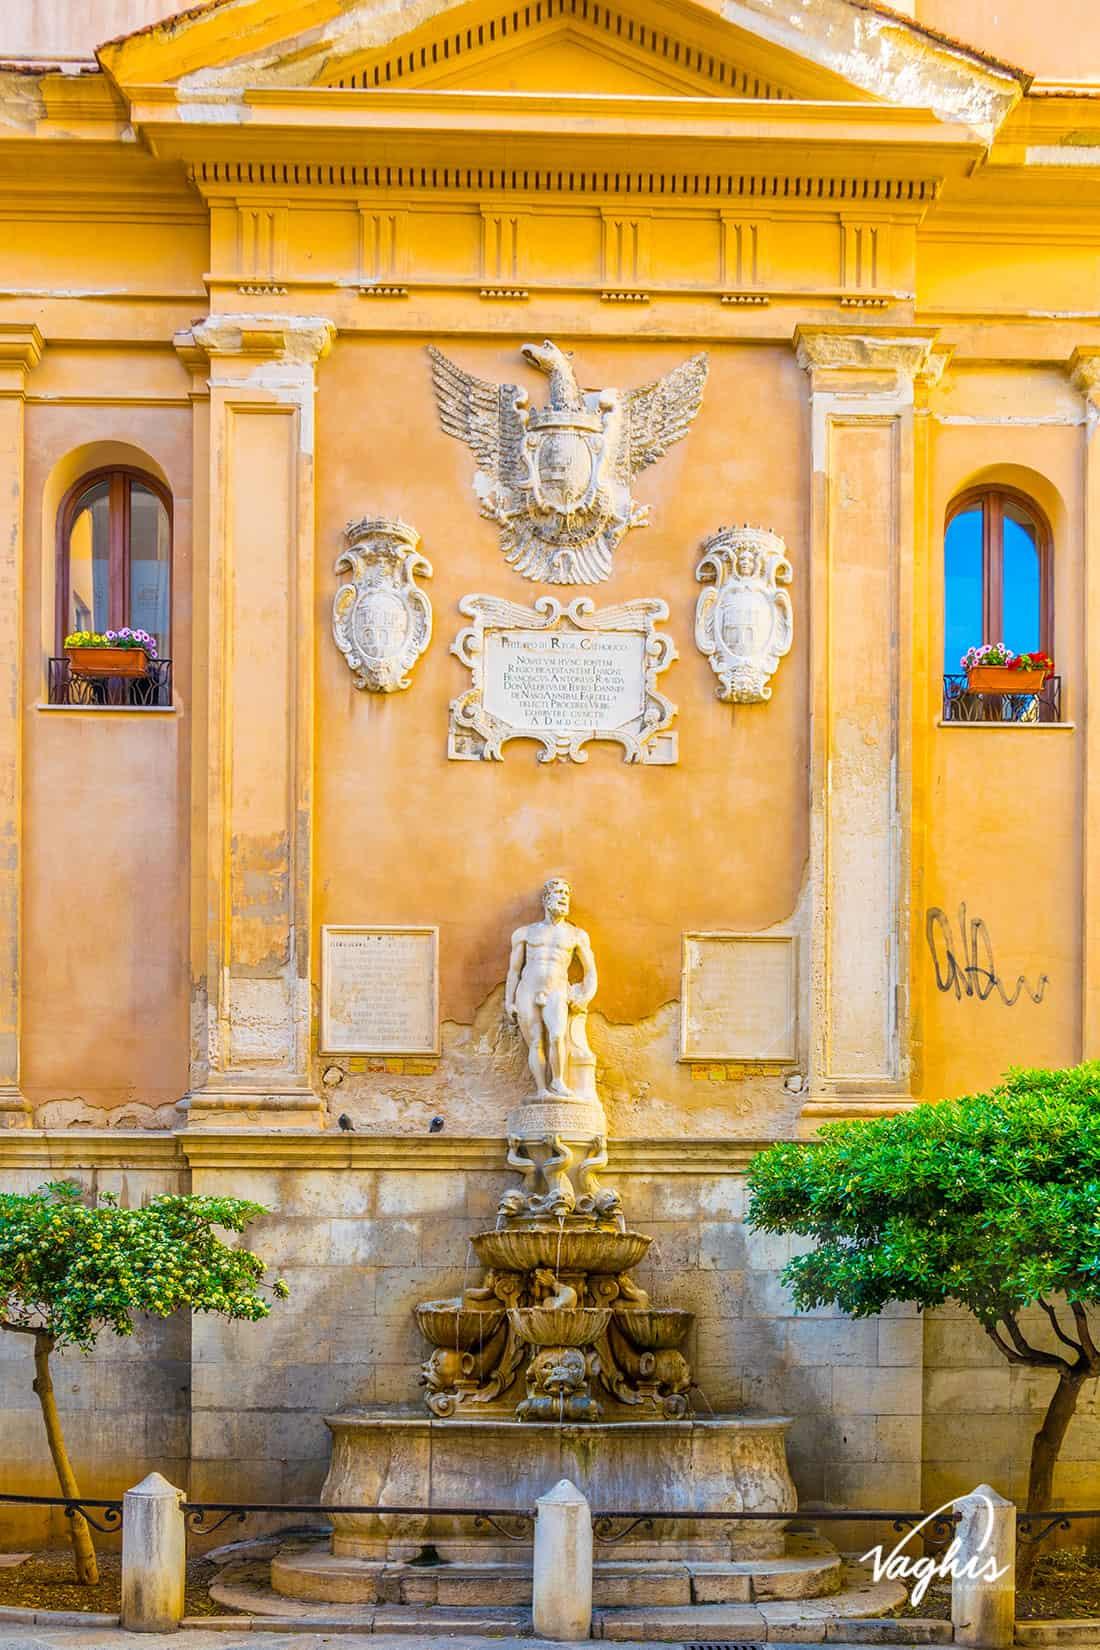 Trapani: Fontana di Saturno - © Vaghis - viaggi & turismo Italia - Tutti i di-ritti riservati